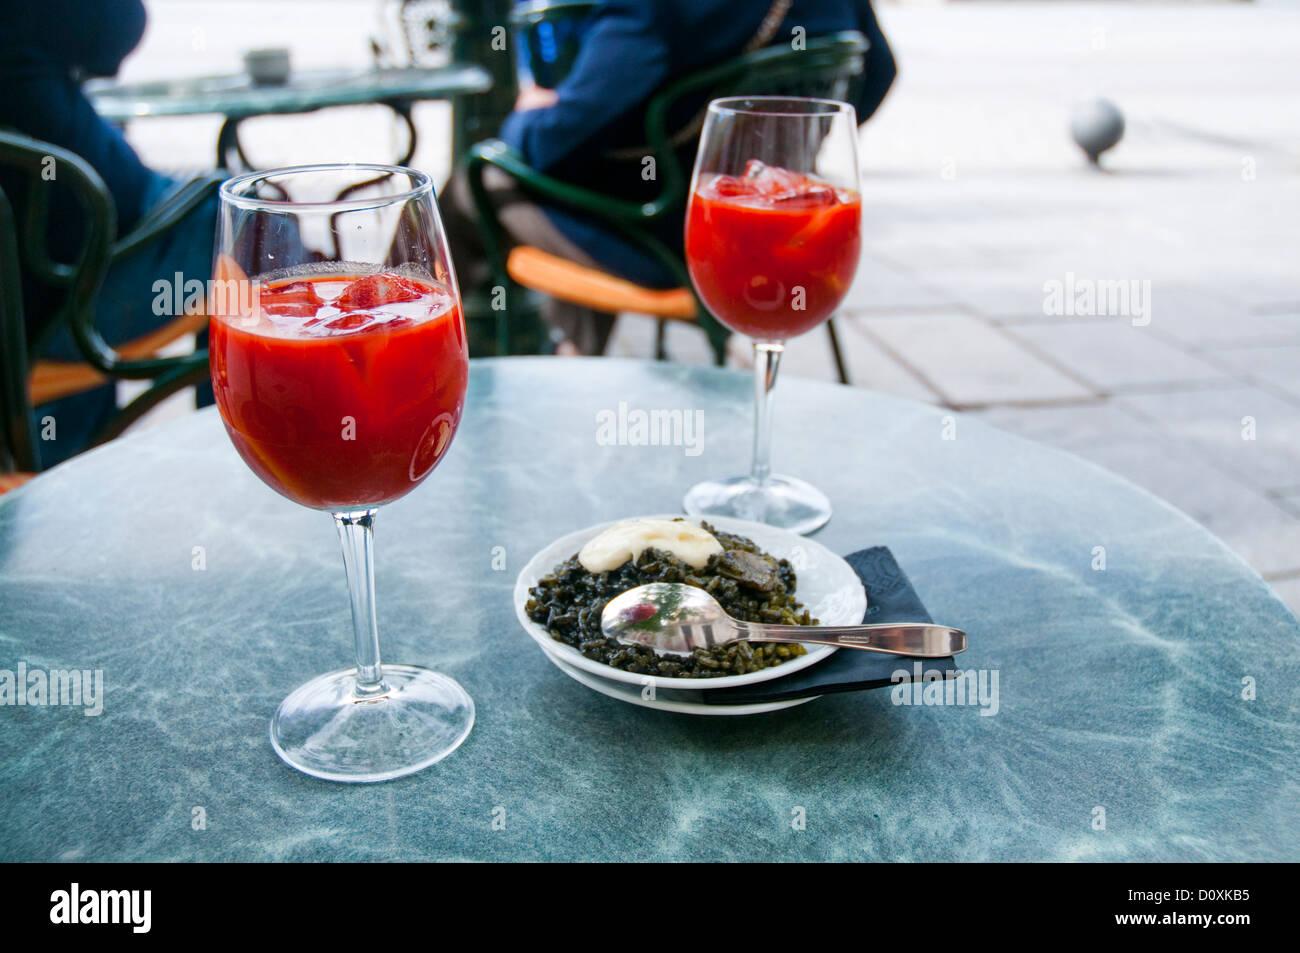 Dos vasos de zumo de tomate y de tapas españolas de arroz negro con alioli. Madrid, España. Imagen De Stock